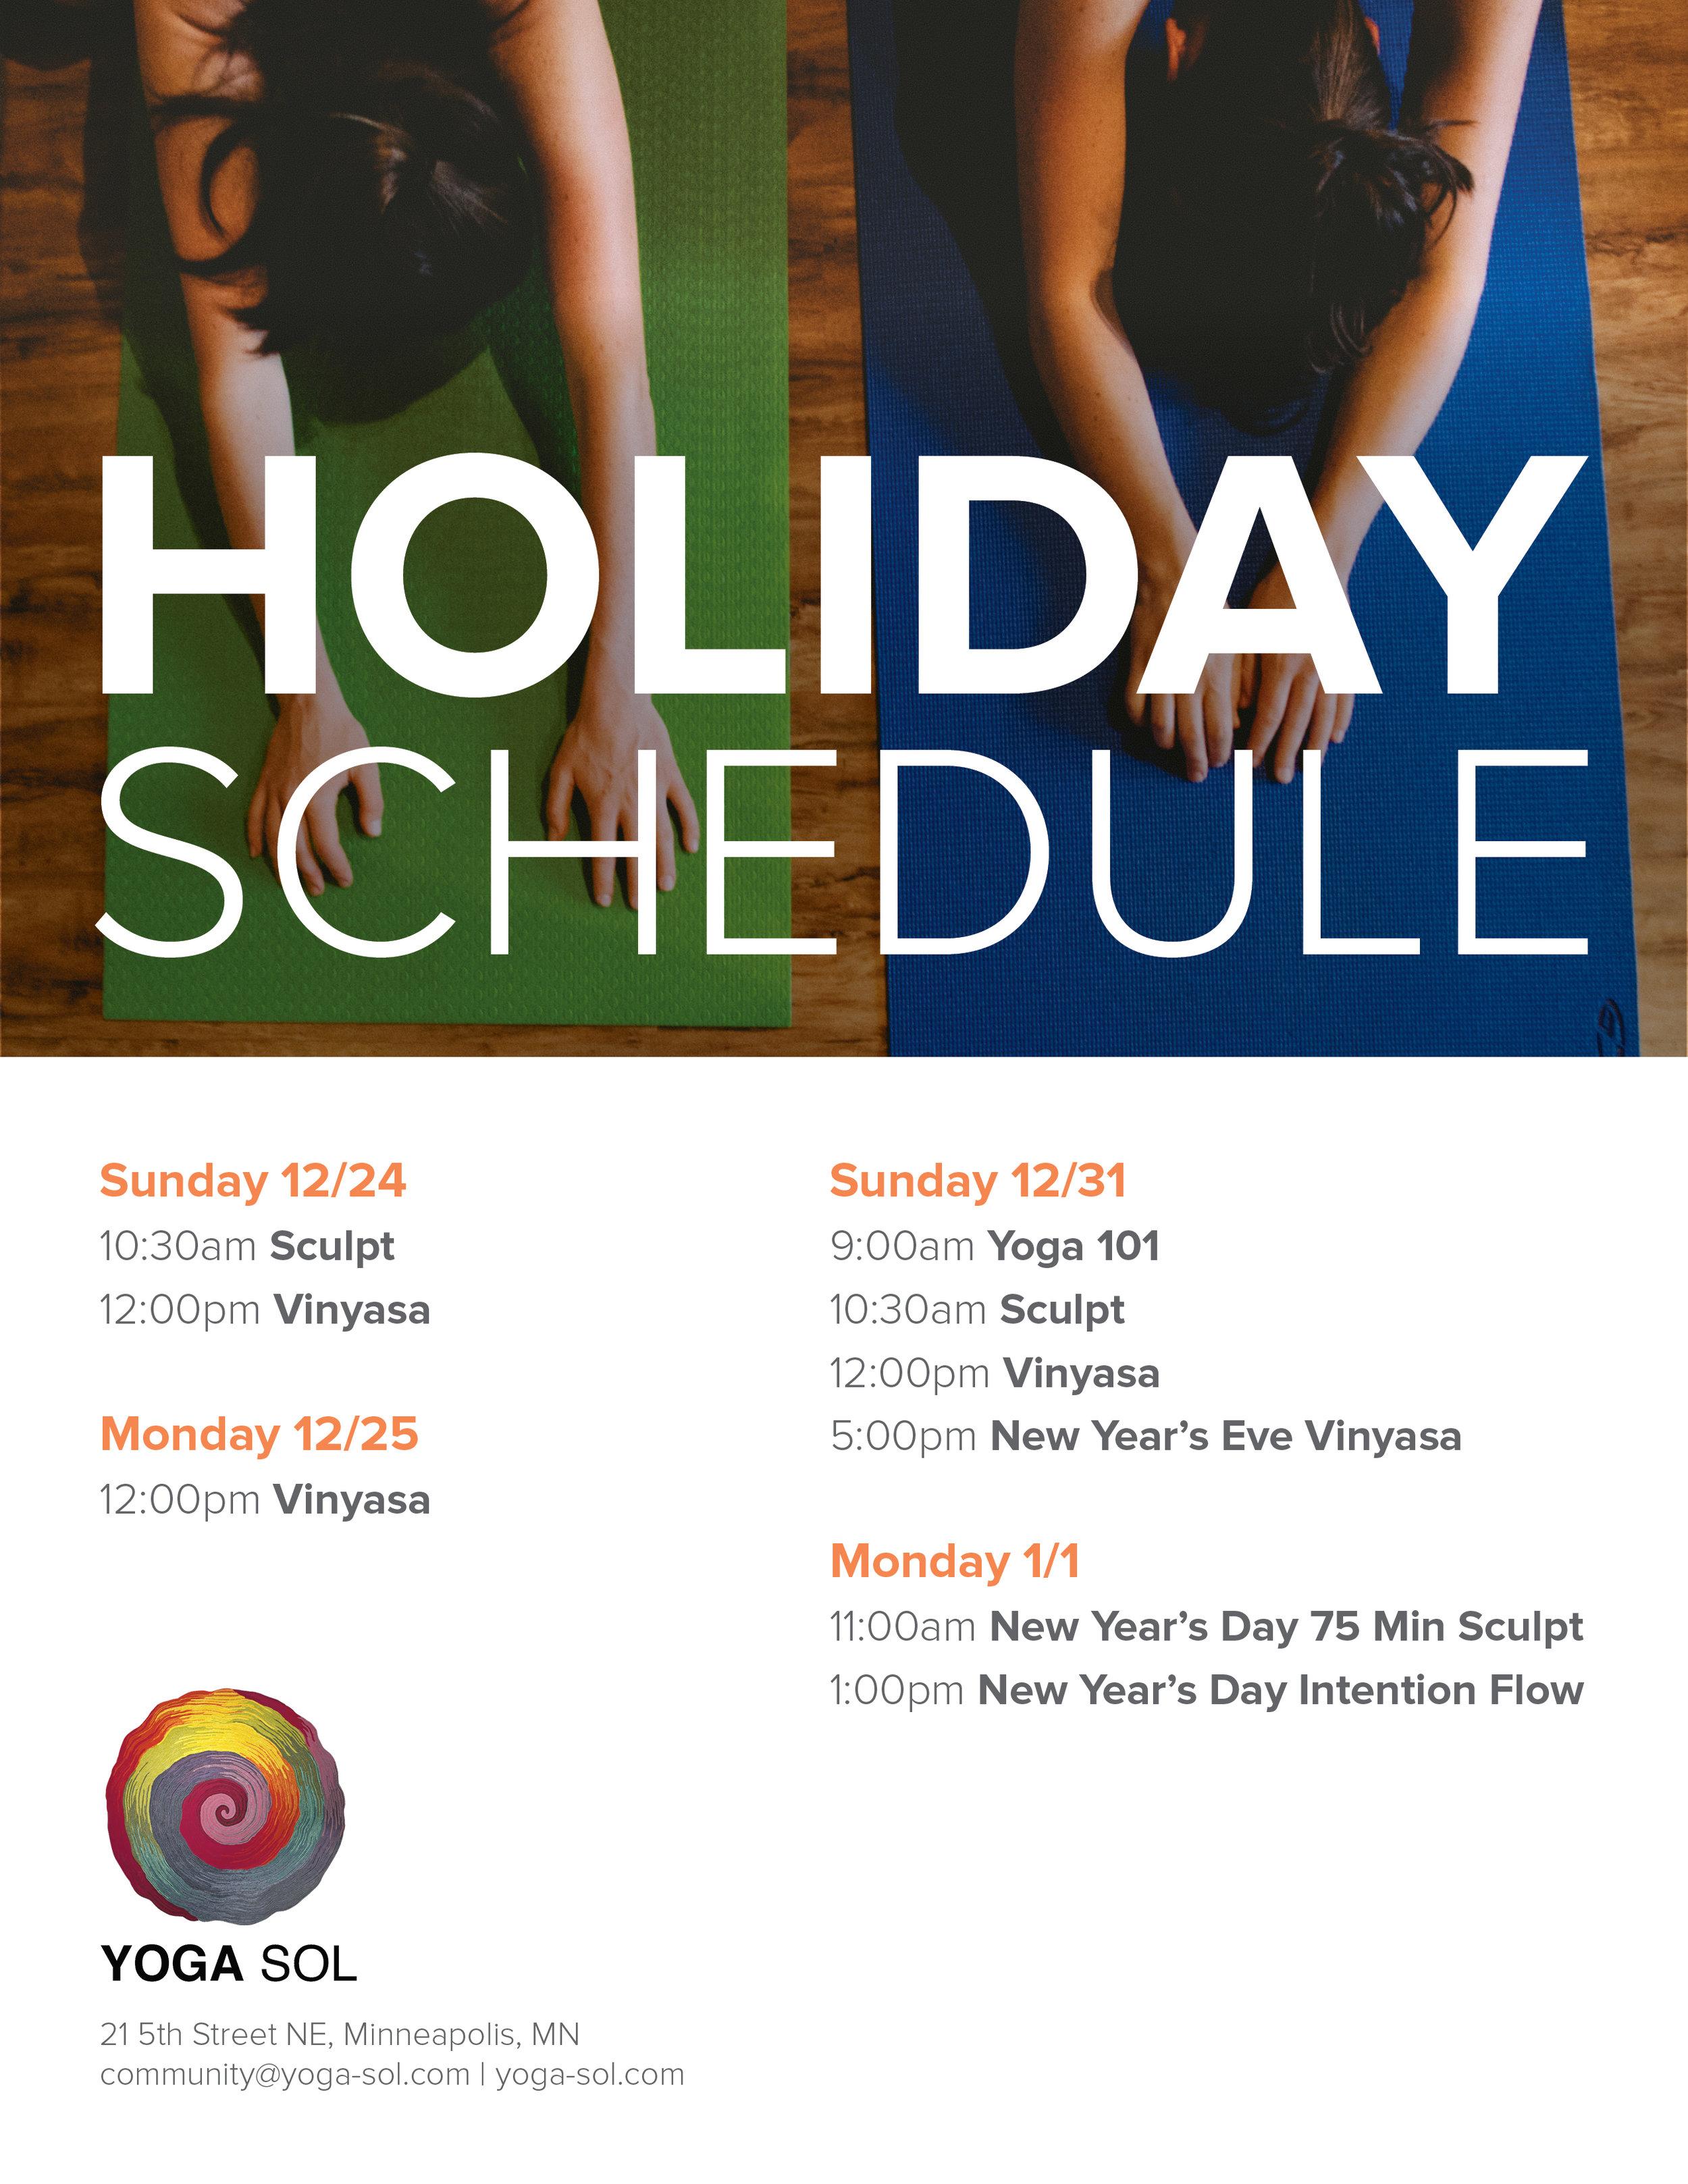 HolidaySchedule2017 (2).jpg